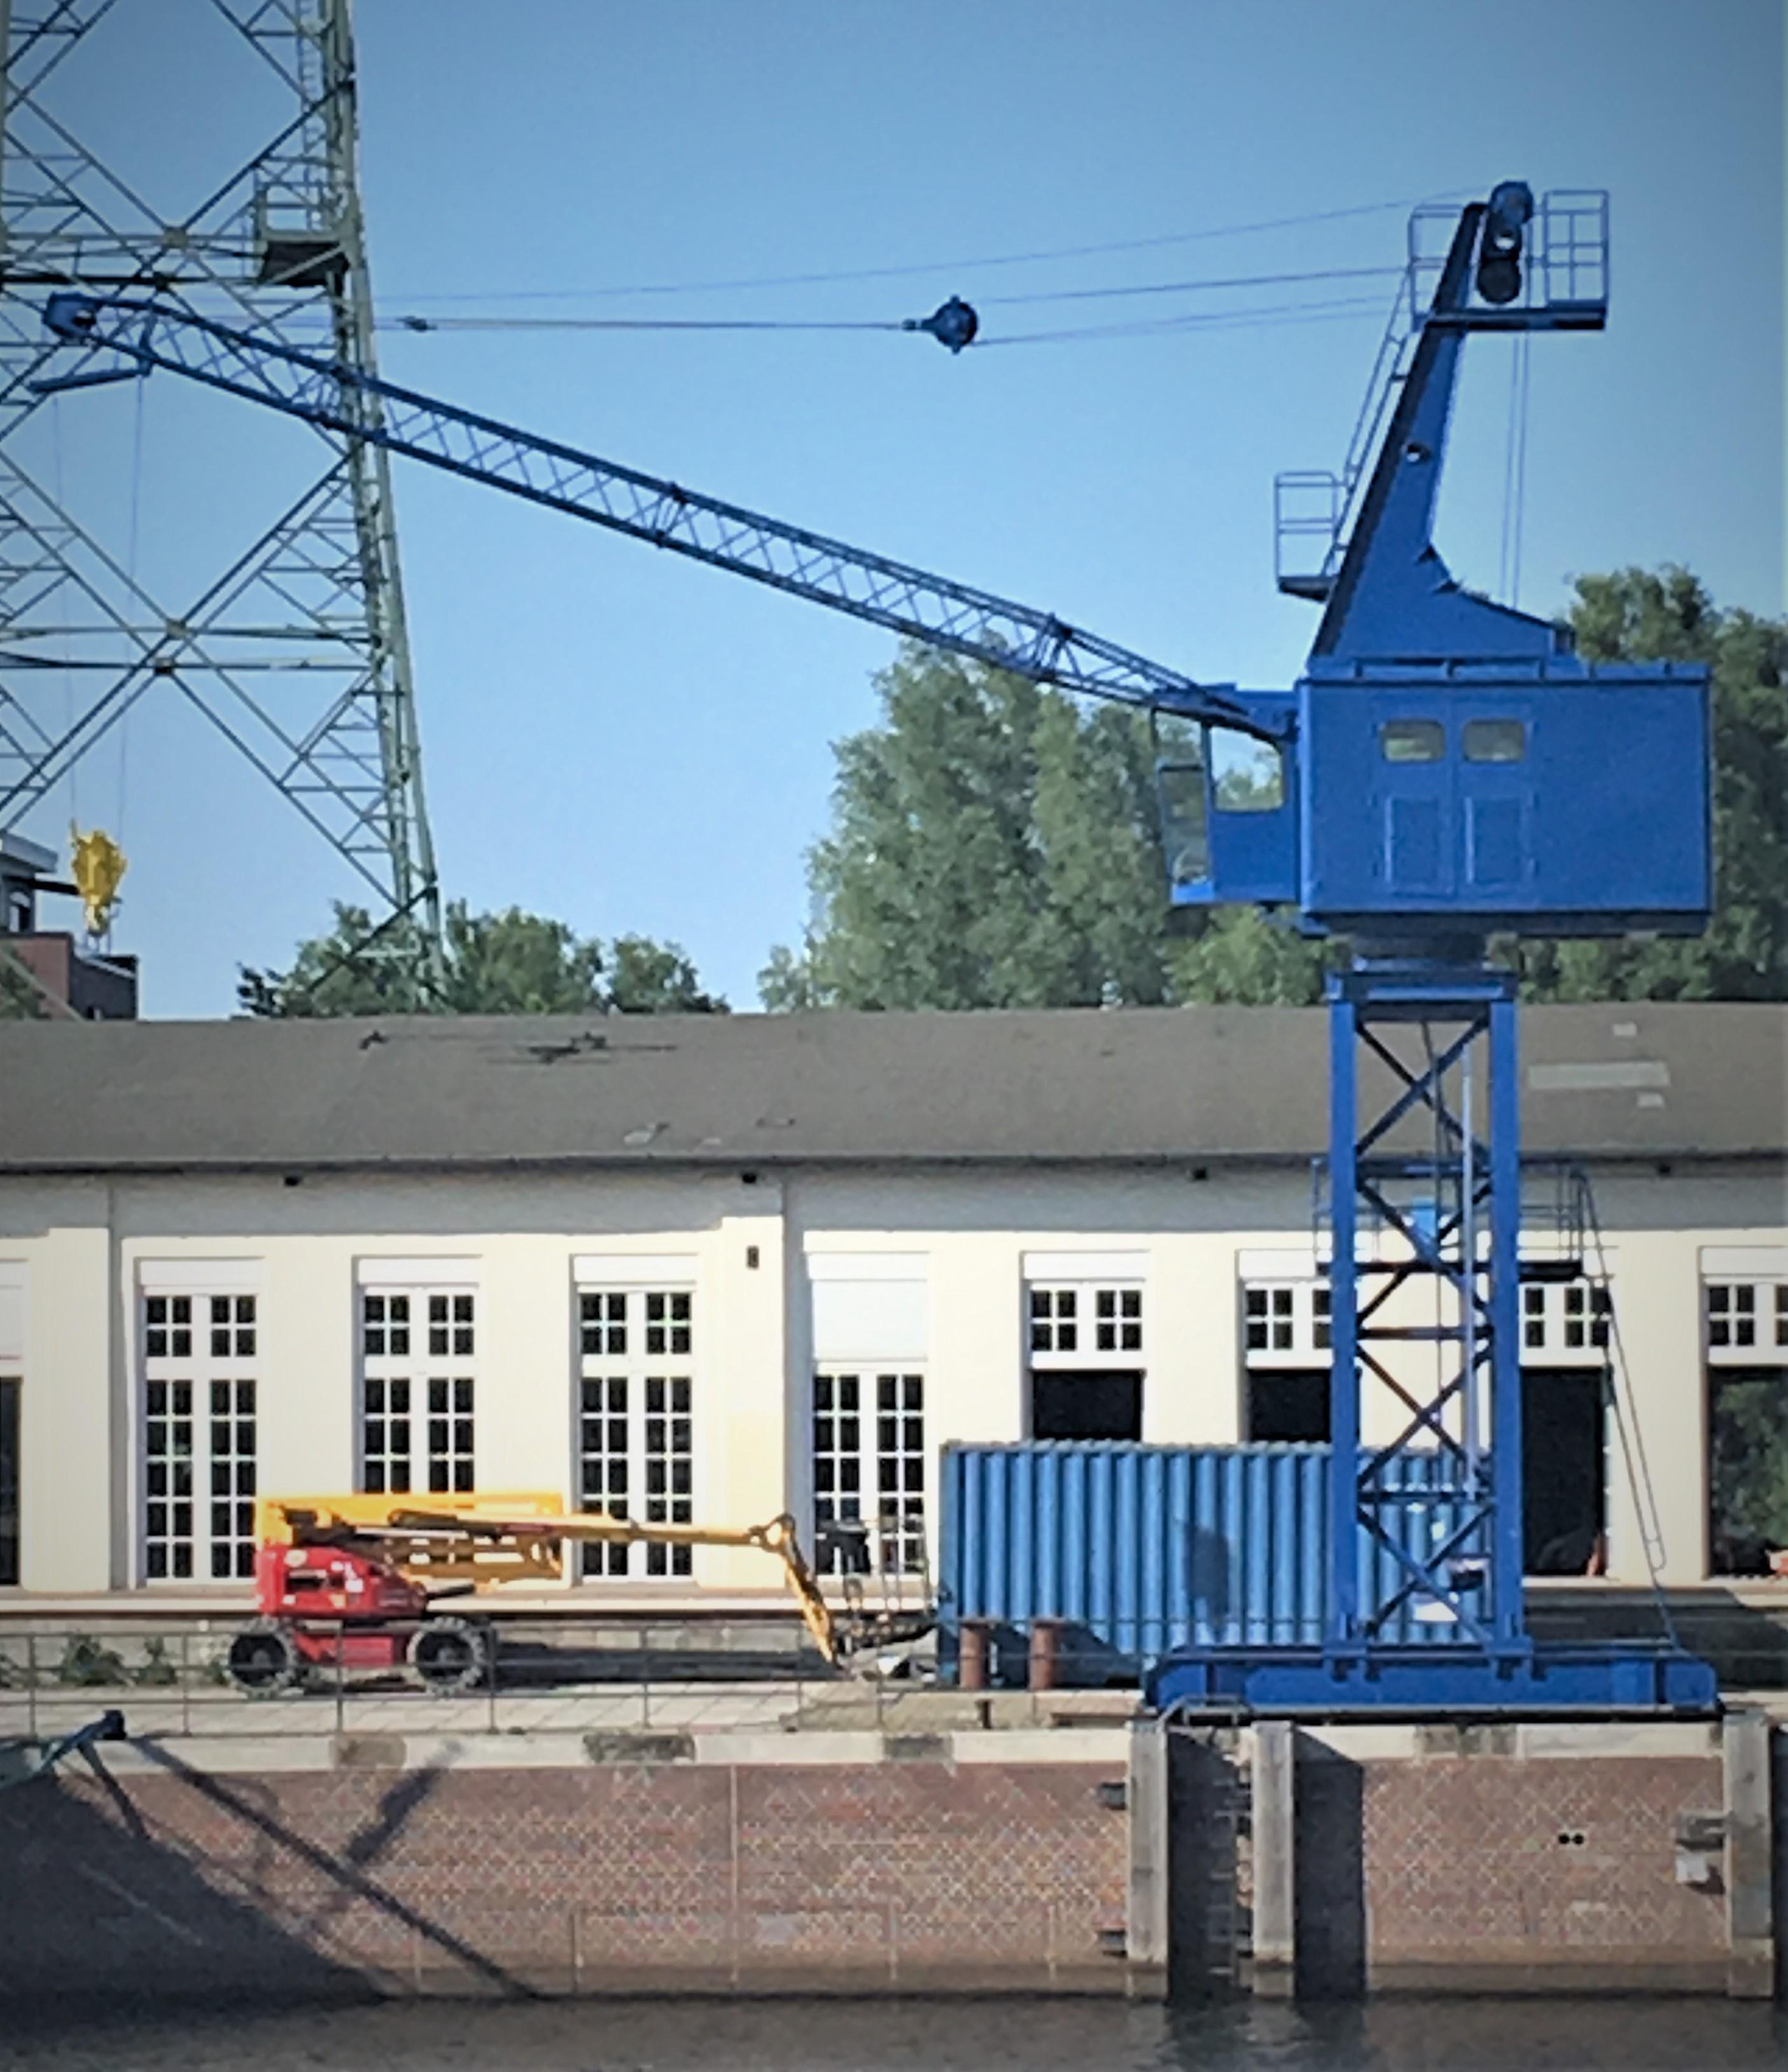 """Museumshafen -Es ist vollbracht: Der Kranausleger """"winktÒ nach Westen."""